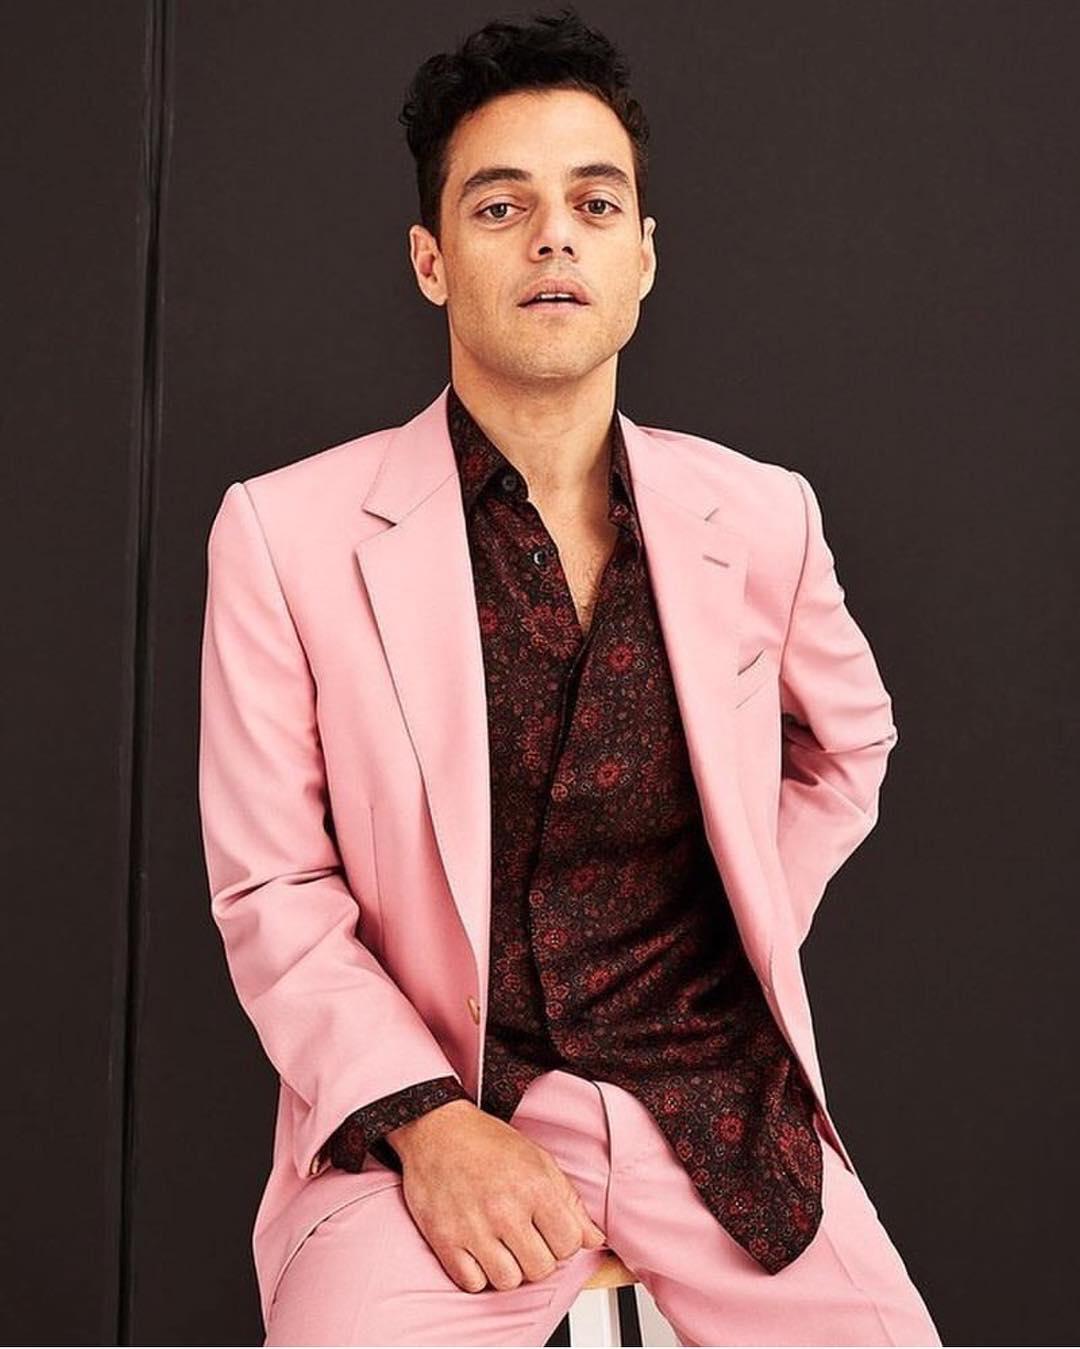 Roze mannenkleding dragen? Zo rock je het stijlvol   MAN MAN